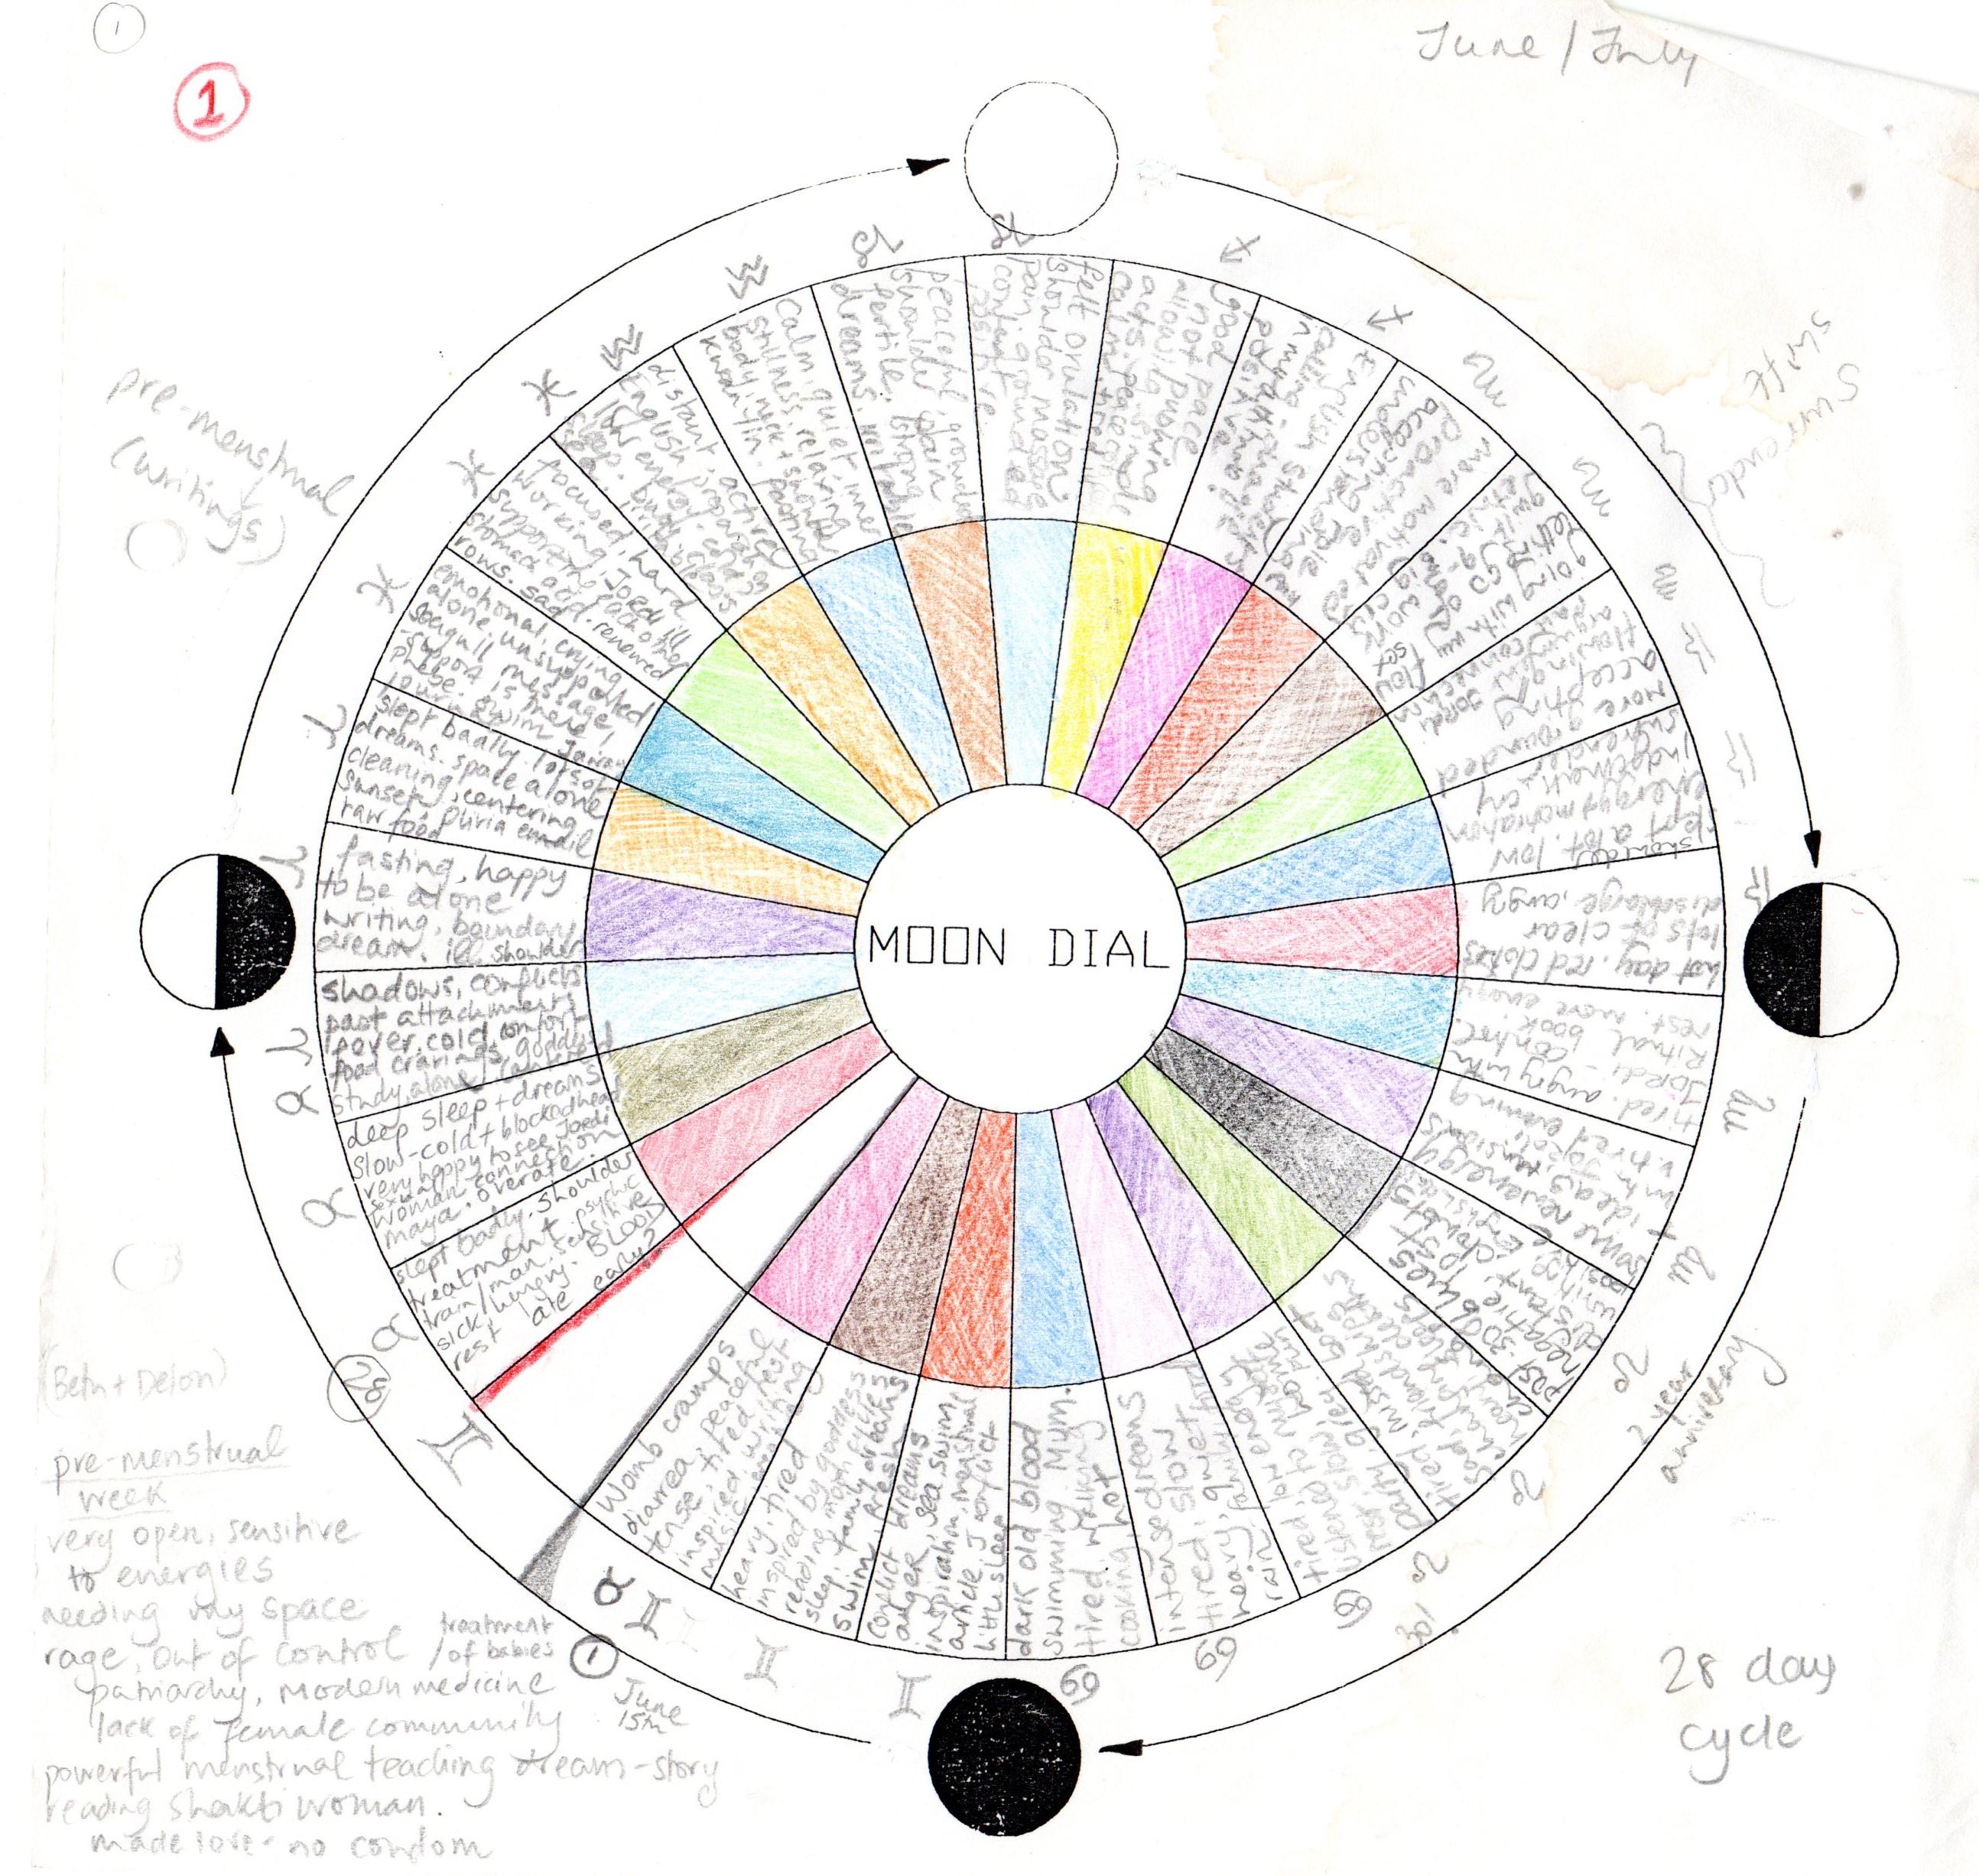 Széles szalagféreg diagram fejlesztési ciklusa - w-auto.hu